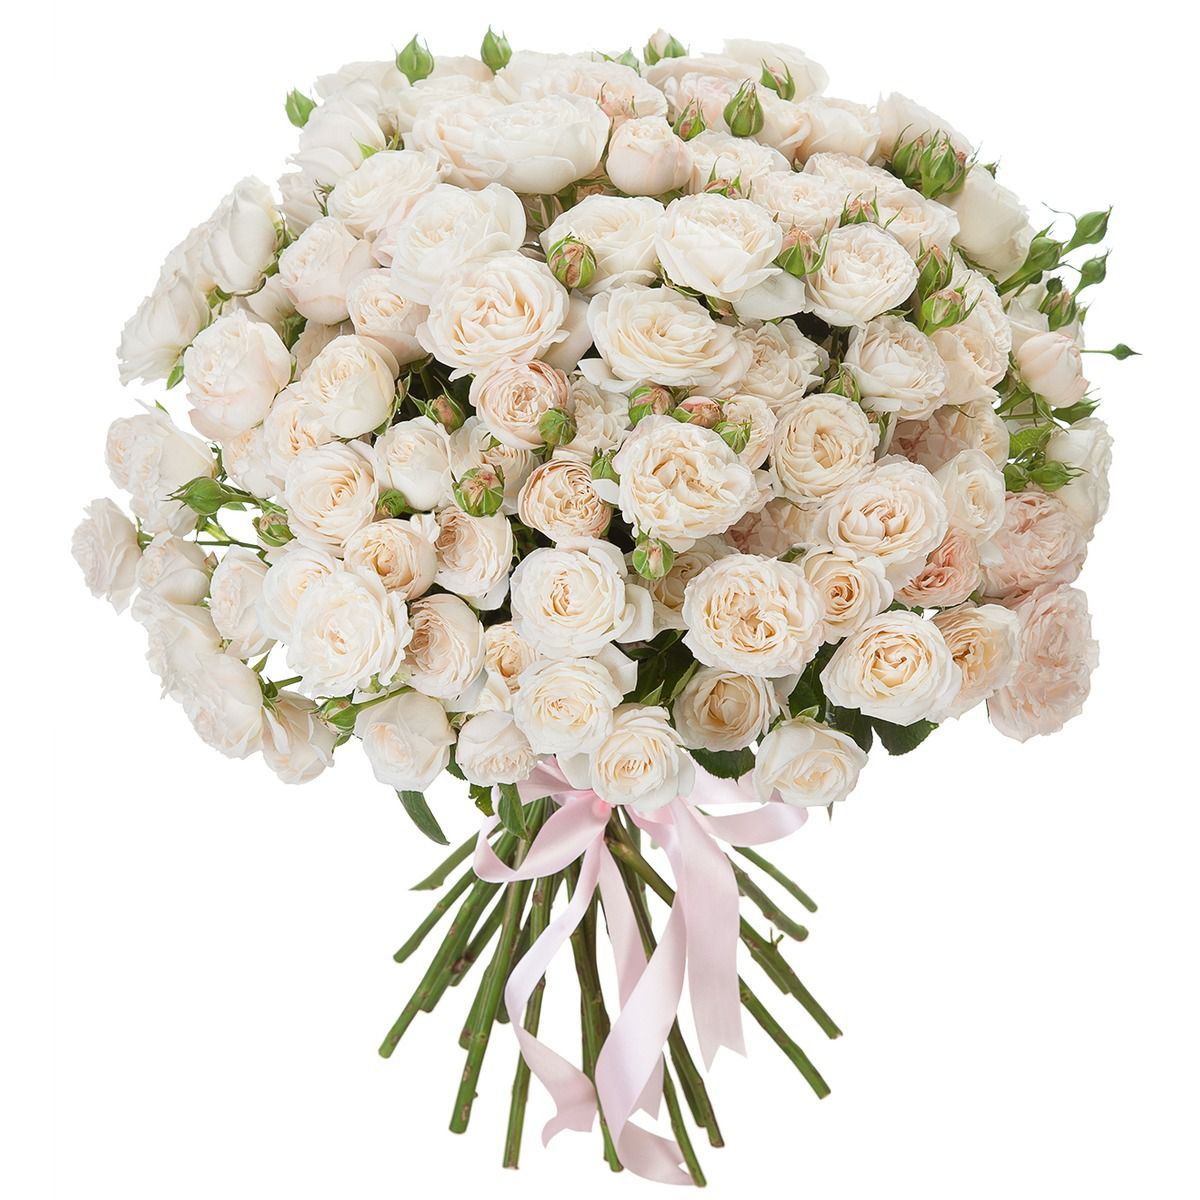 Большие букеты из роз на свадьбу фото как открыть компанию доставки цветов